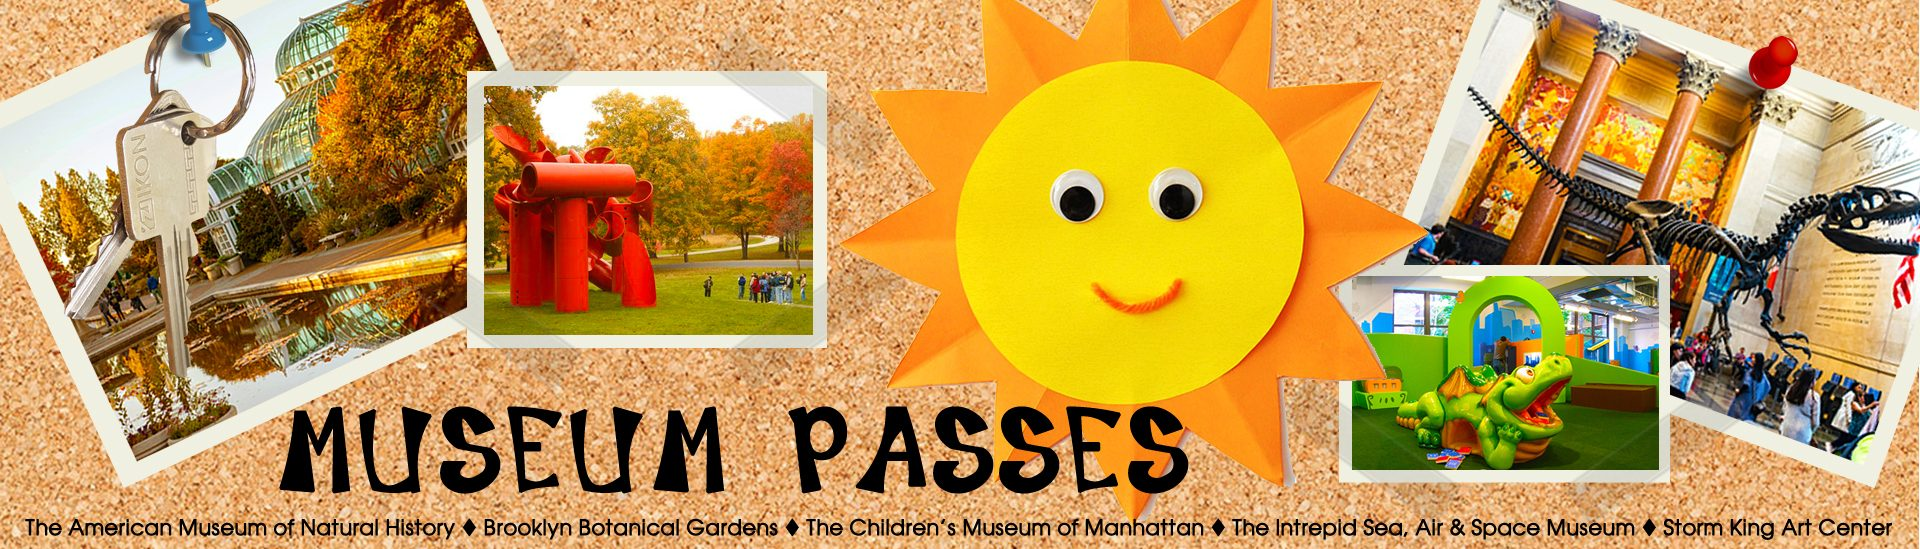 museum pass banner